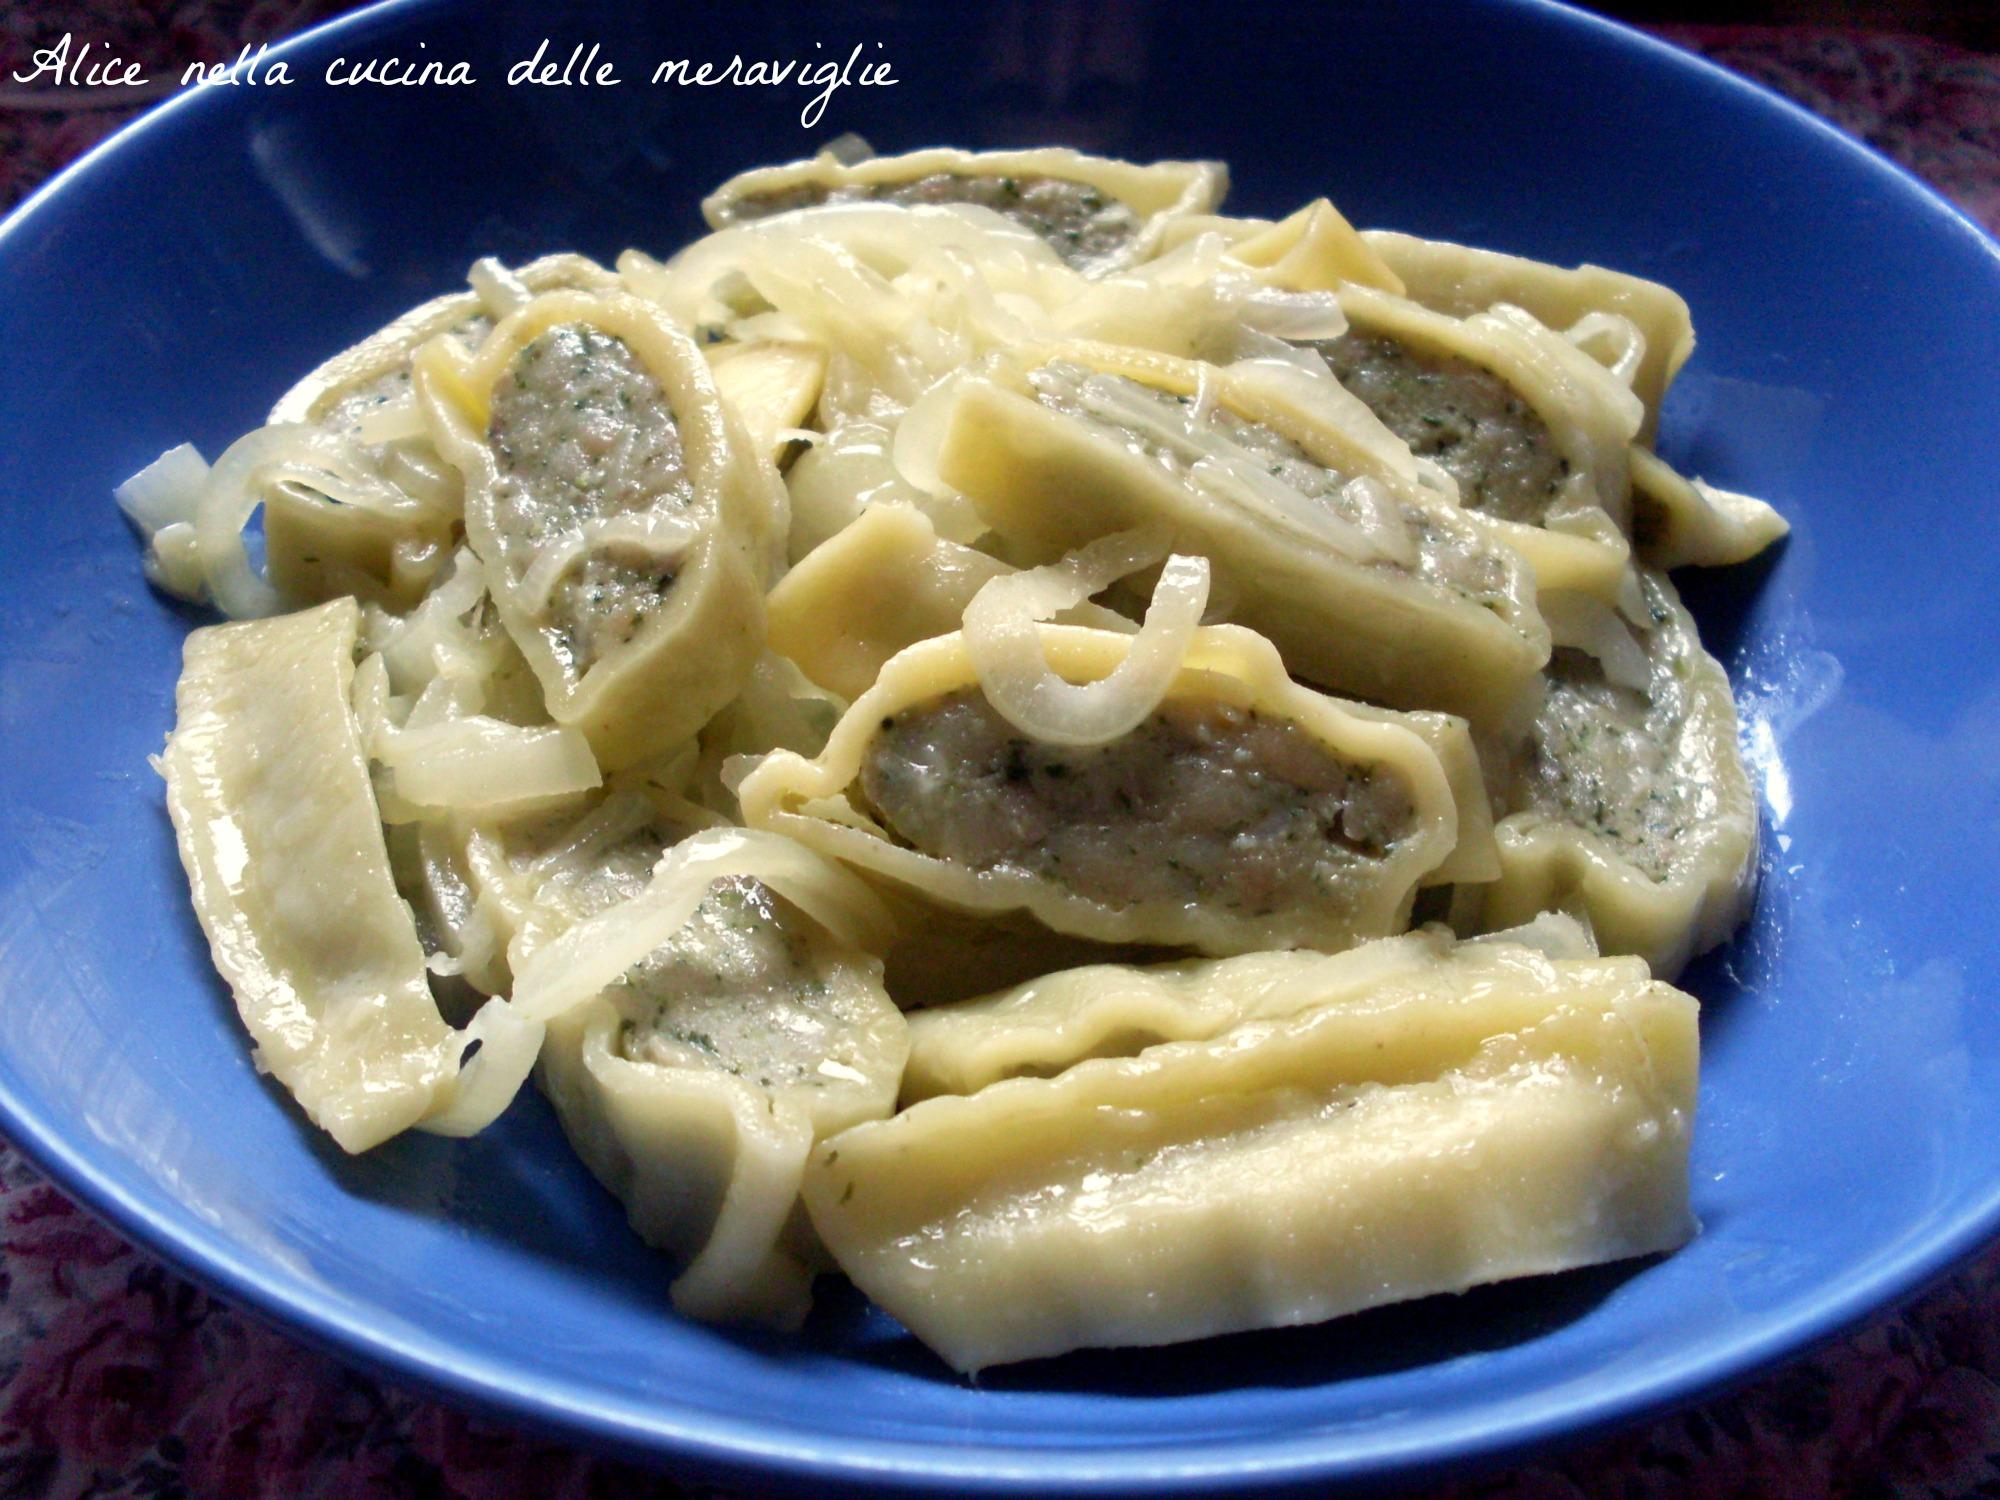 Maultaschen con burro e cipolle Ricetta primo piatto tedesco Alice nella cucina delle meraviglie